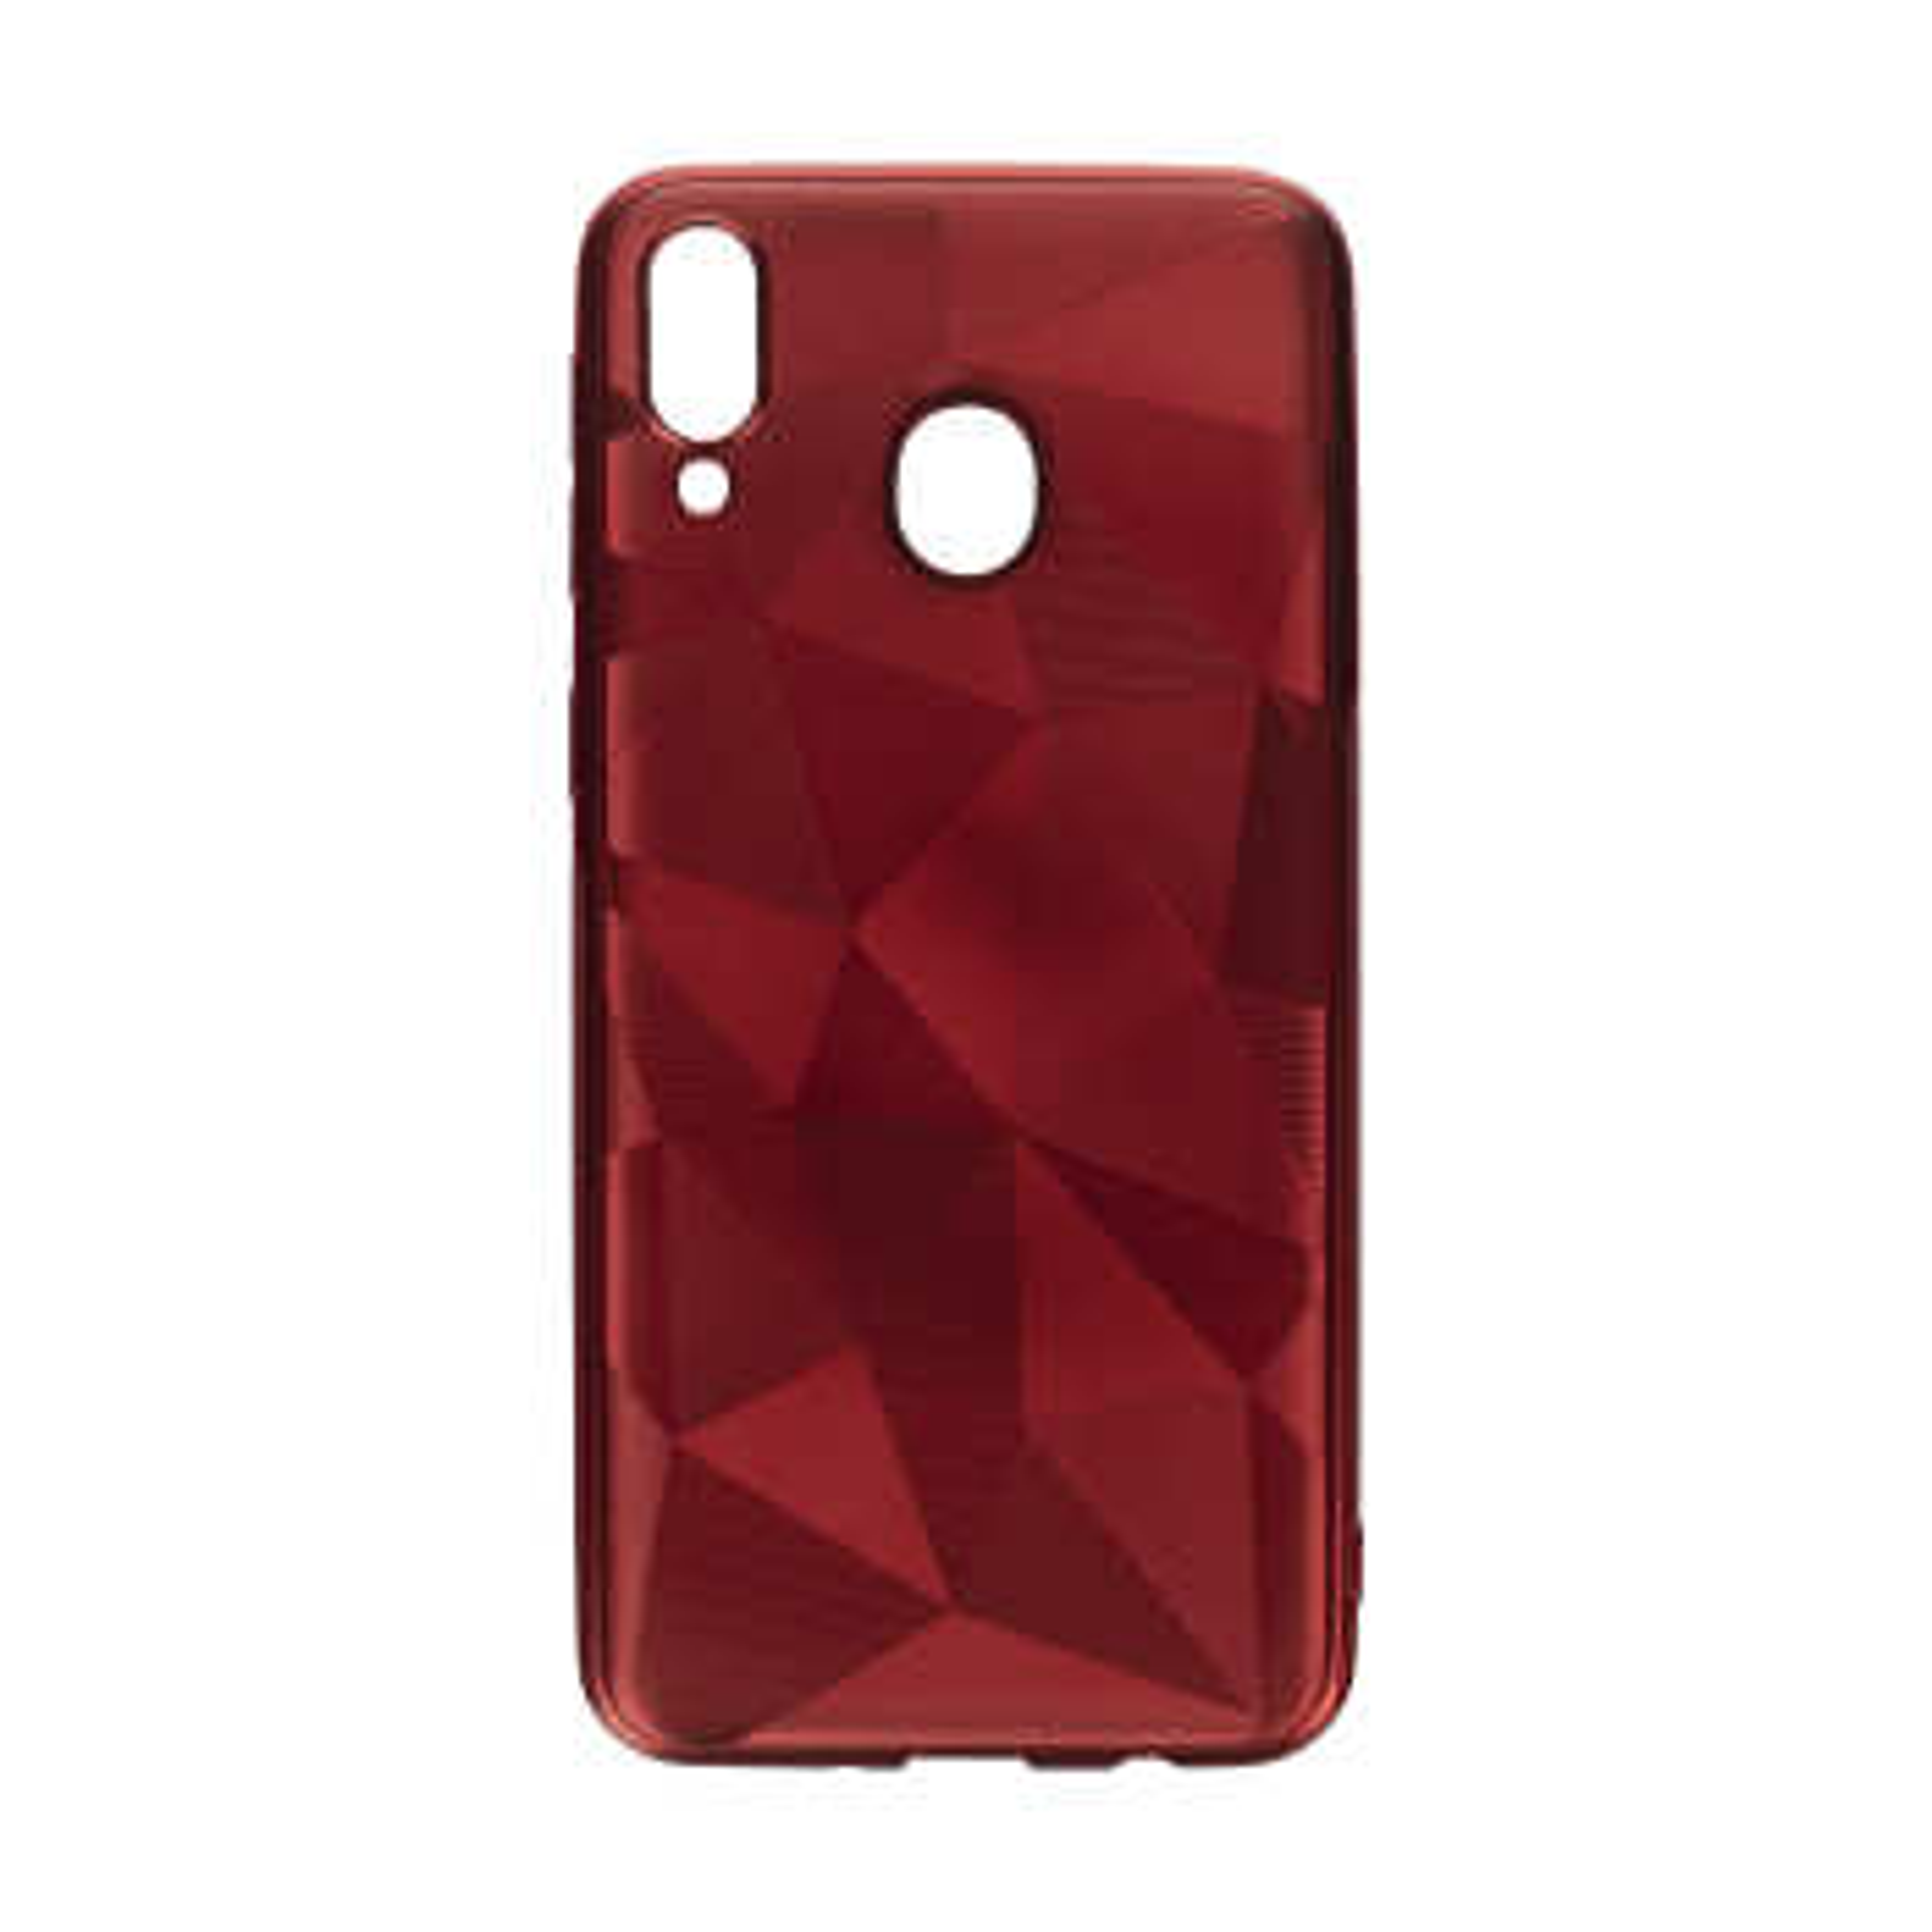 کاور مدل brill مناسب برای گوشی موبایل سامسونگ Galaxy M20